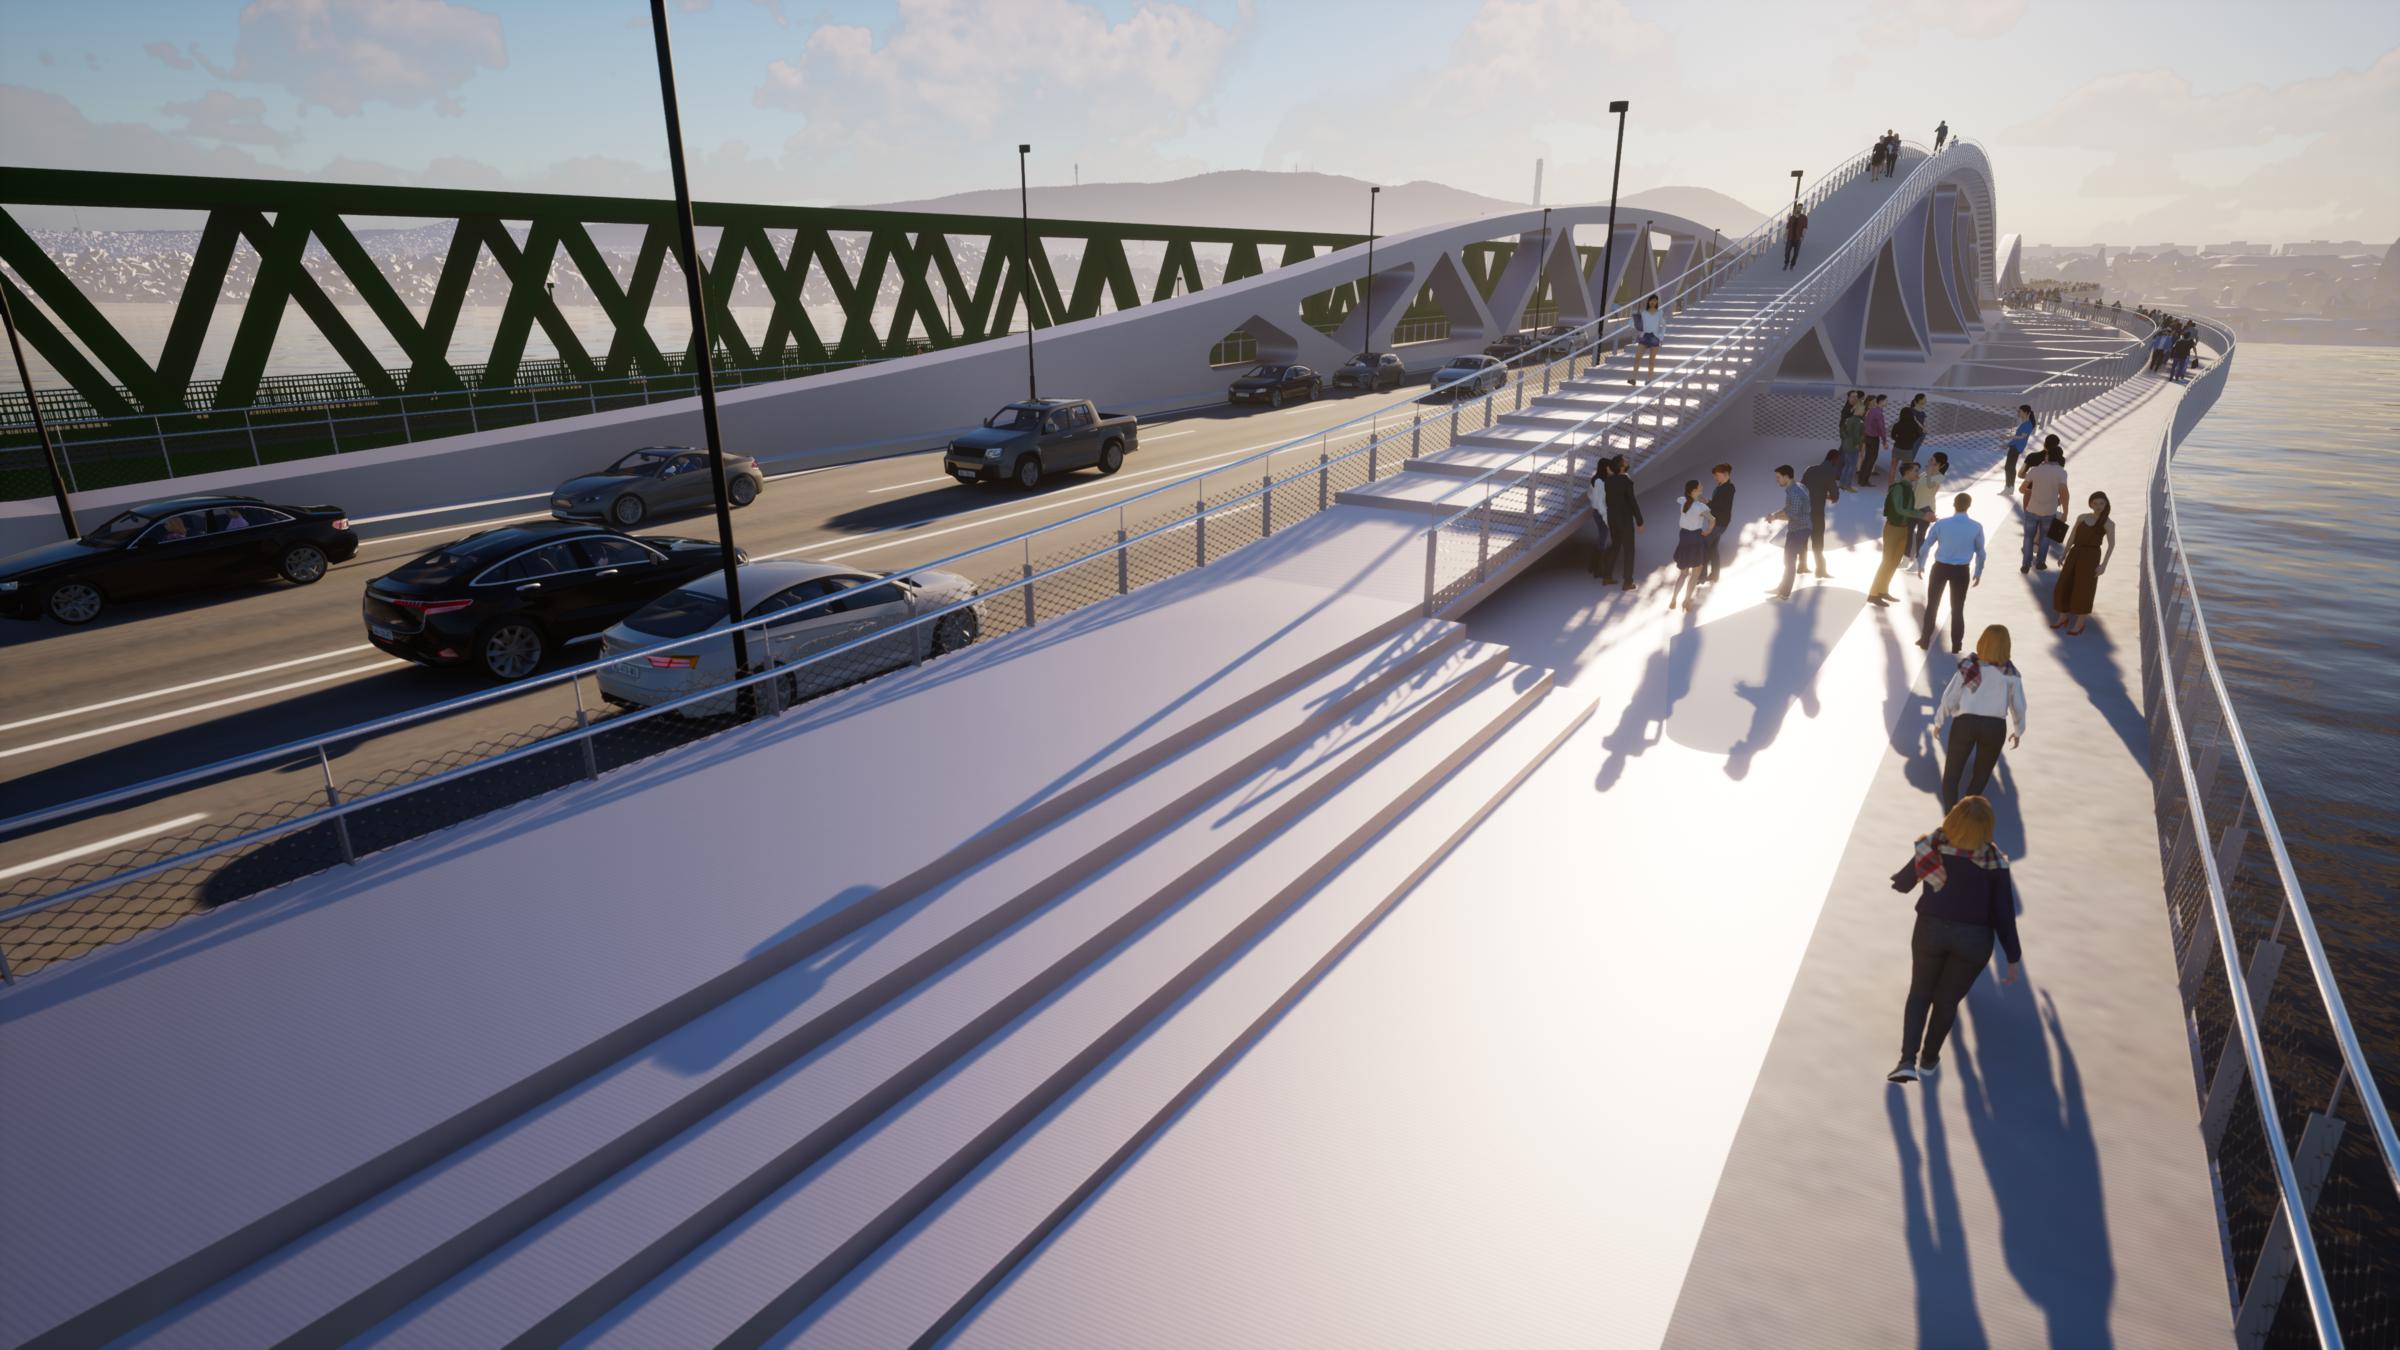 The 'empty' bridge - with 2x2 lanes